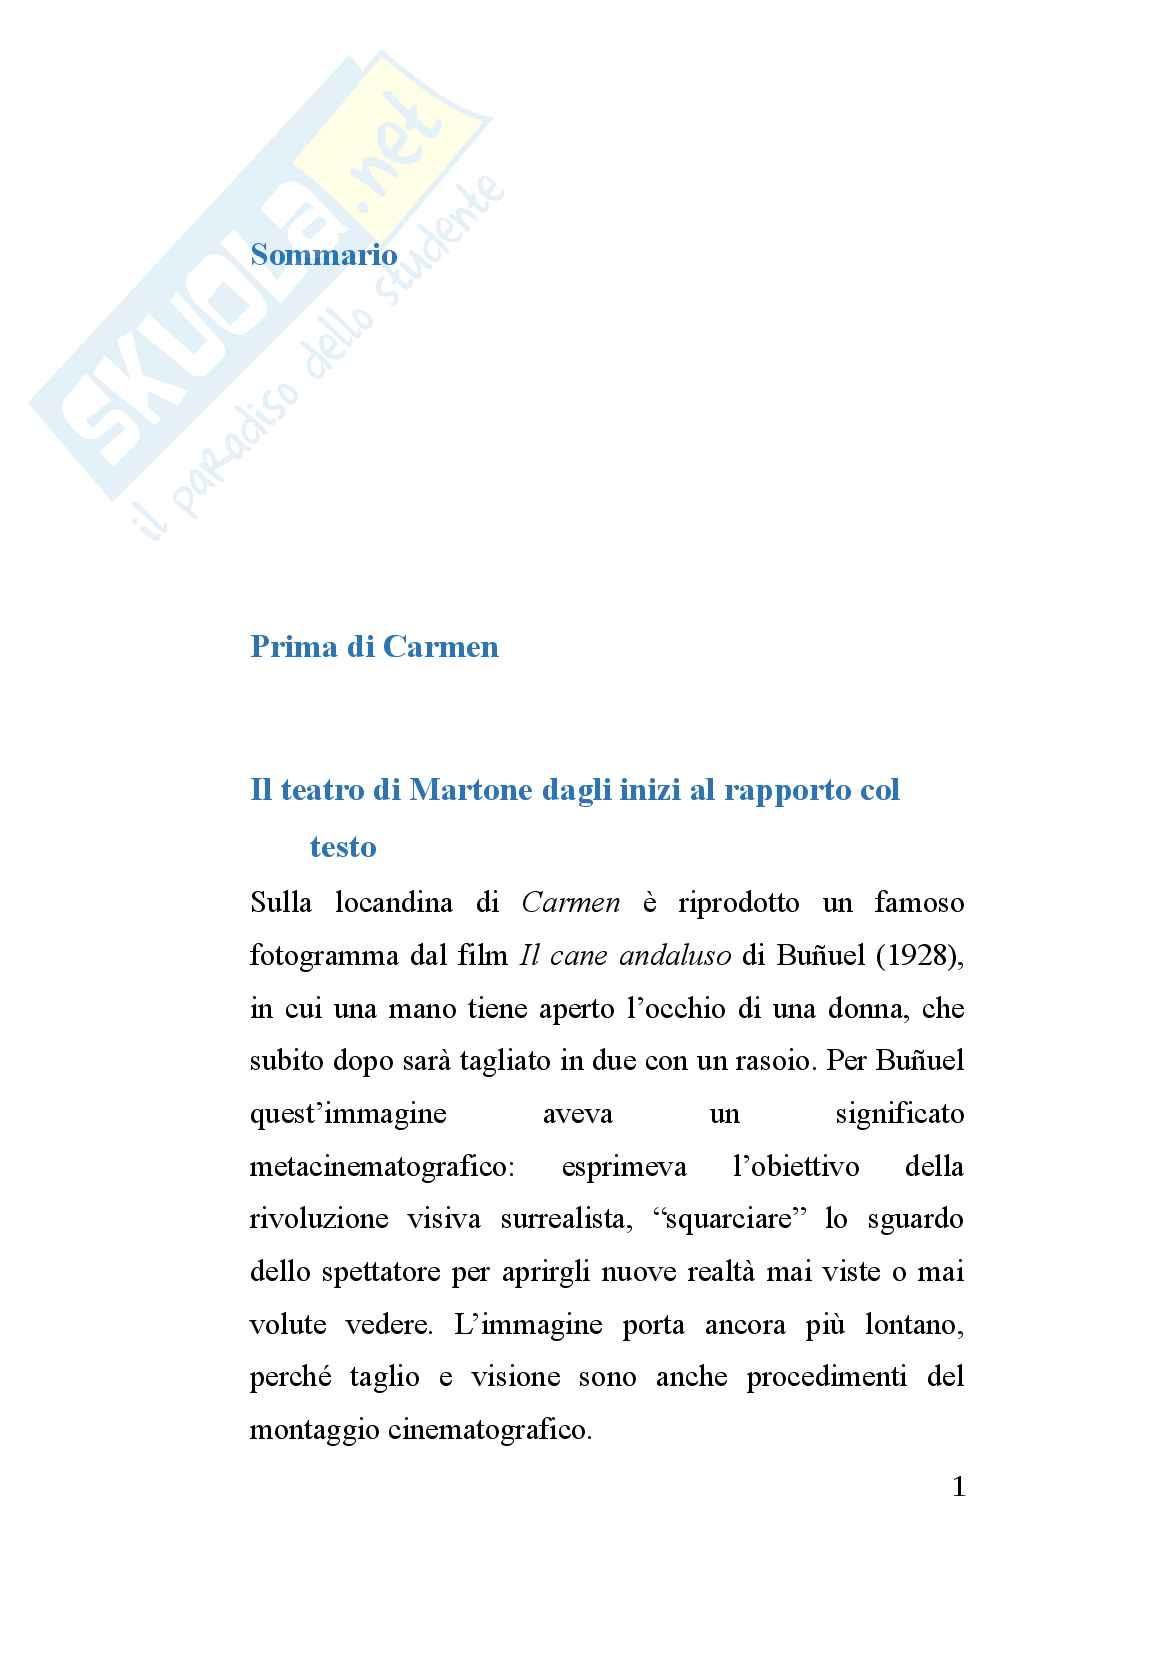 Tesi sulla storia del teatro contemporaneo: Mario Martone e la sua opera Carmen (2015)